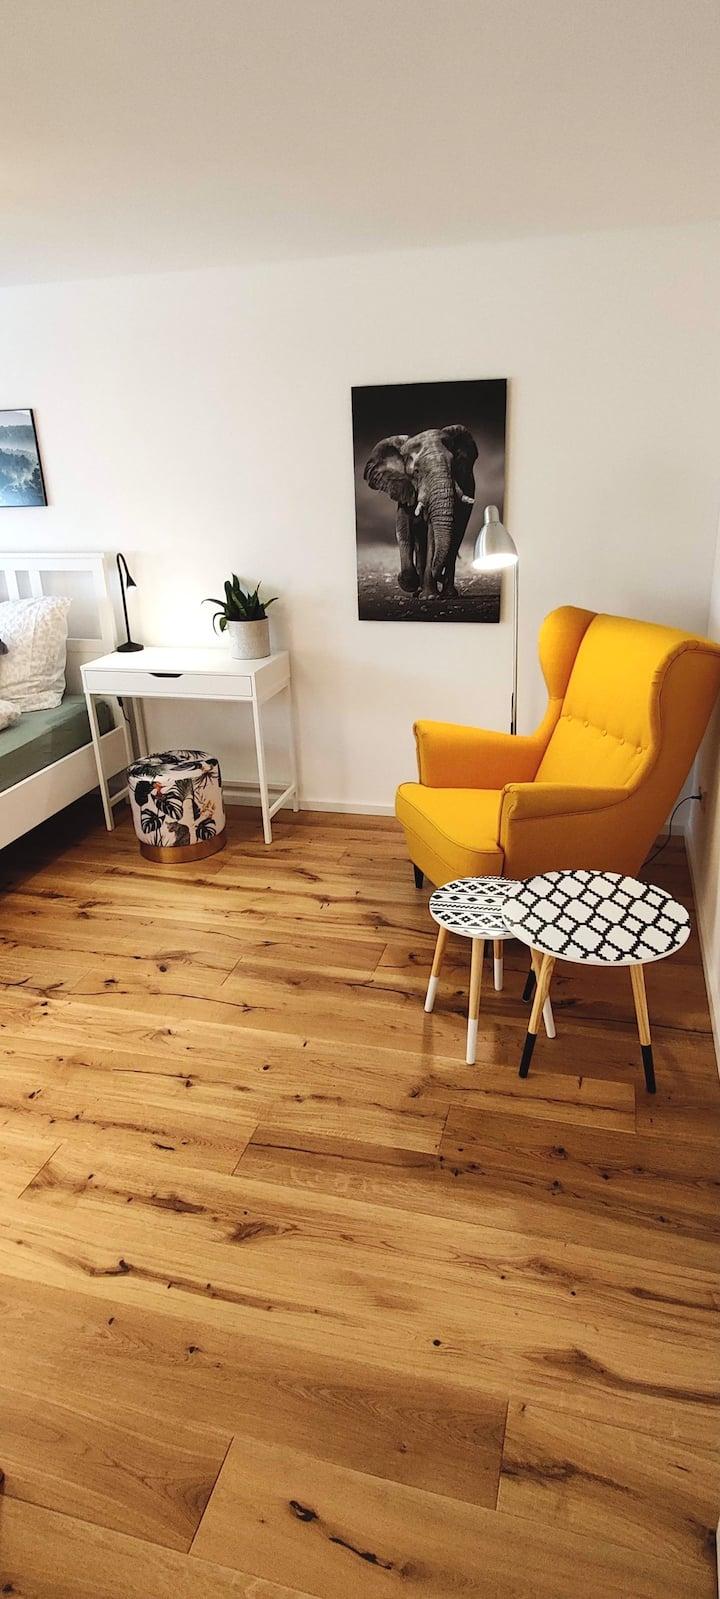 Modern-gemütliche Wohnung, ganz neu, in Neuenheim